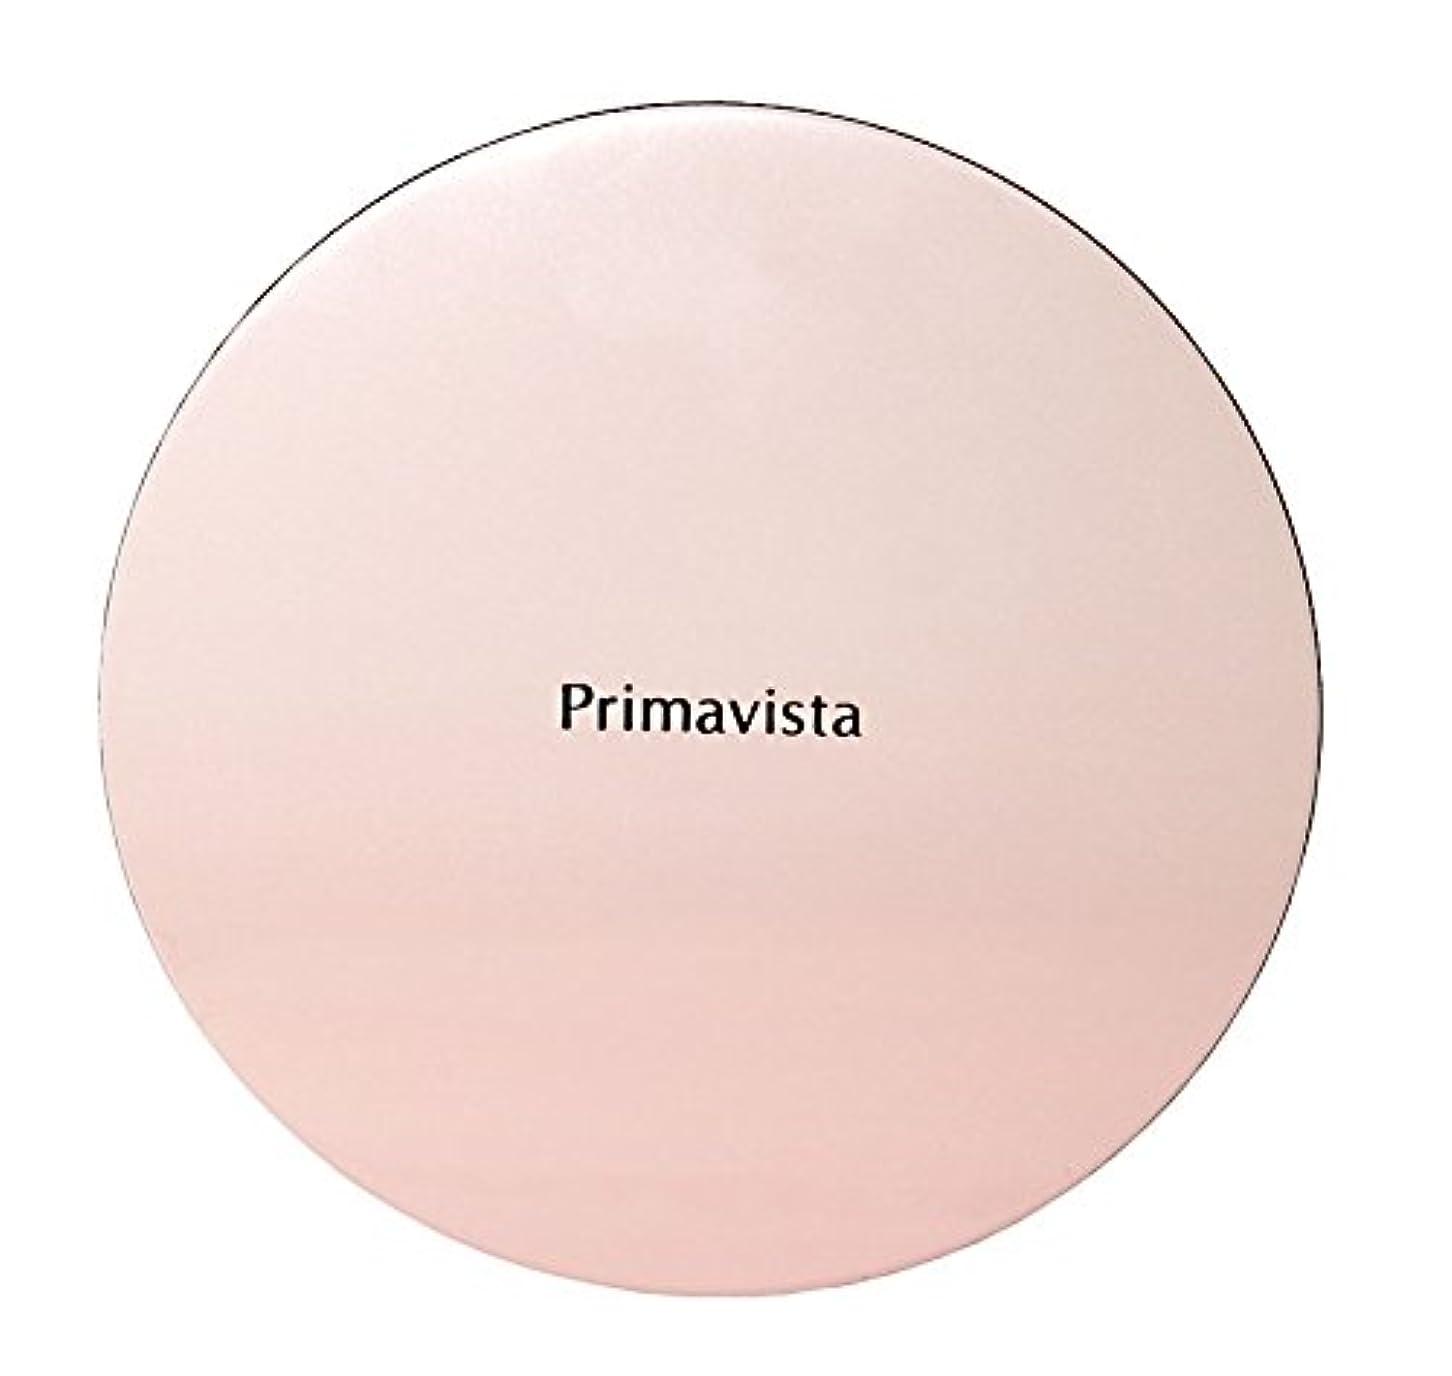 遺伝子司書脈拍プリマヴィスタ クリーミィコンパクトファンデーションケース